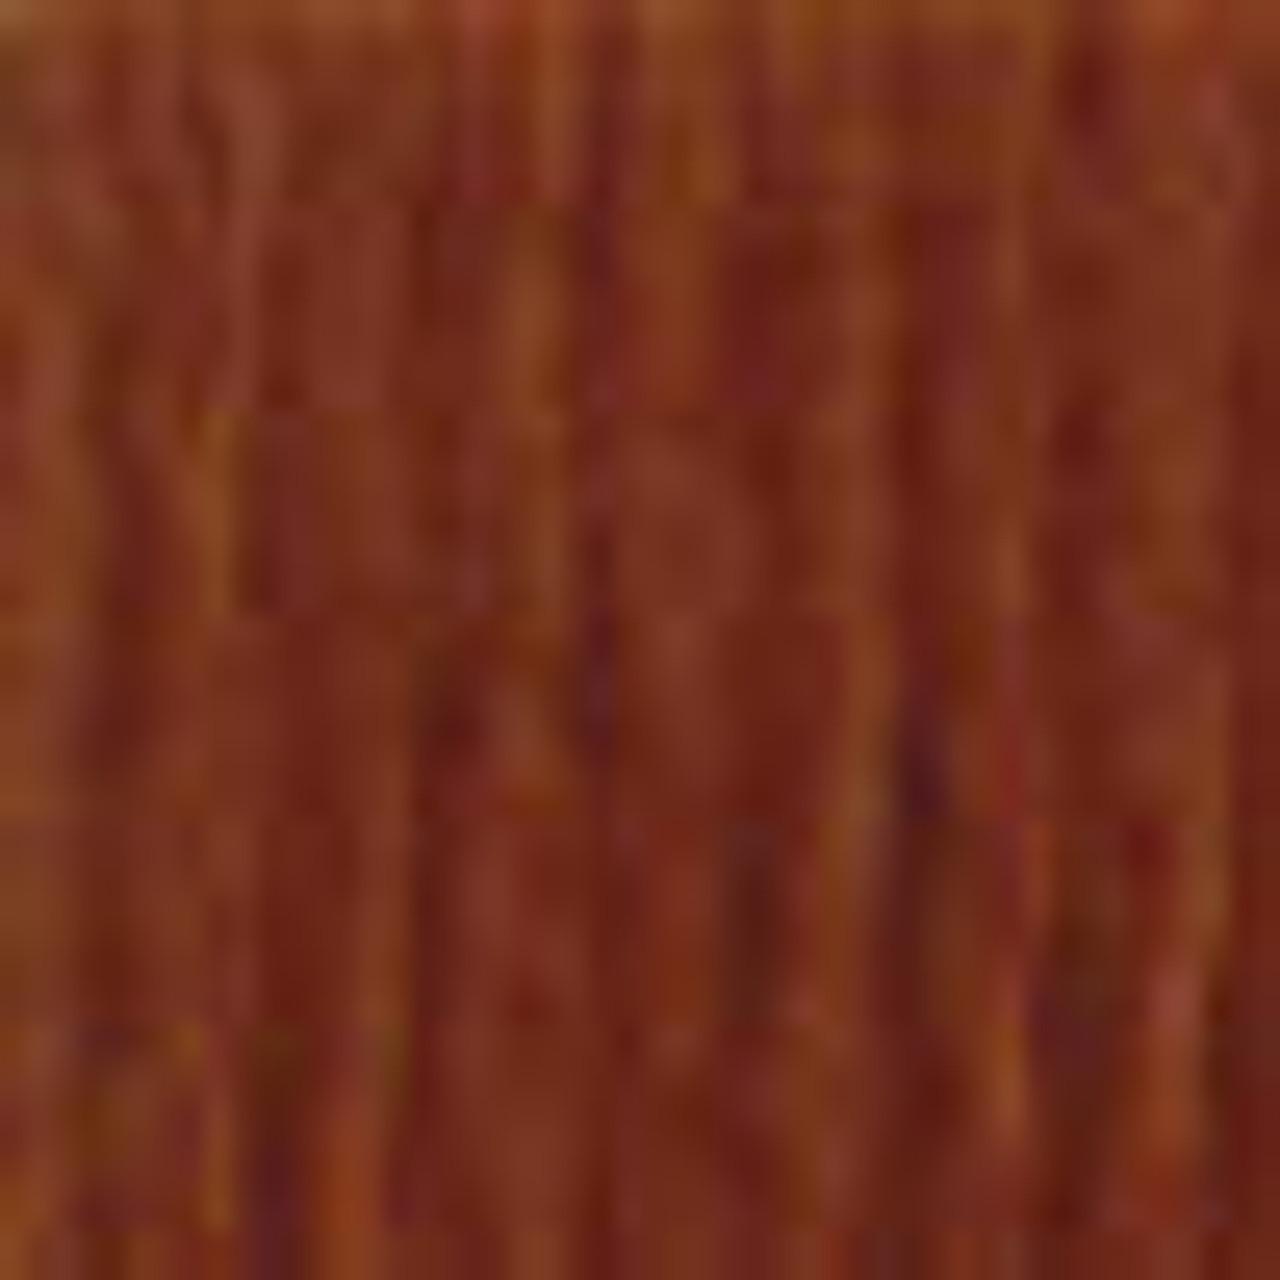 DMC # 300 Very Dark Mahogany Floss / Thread